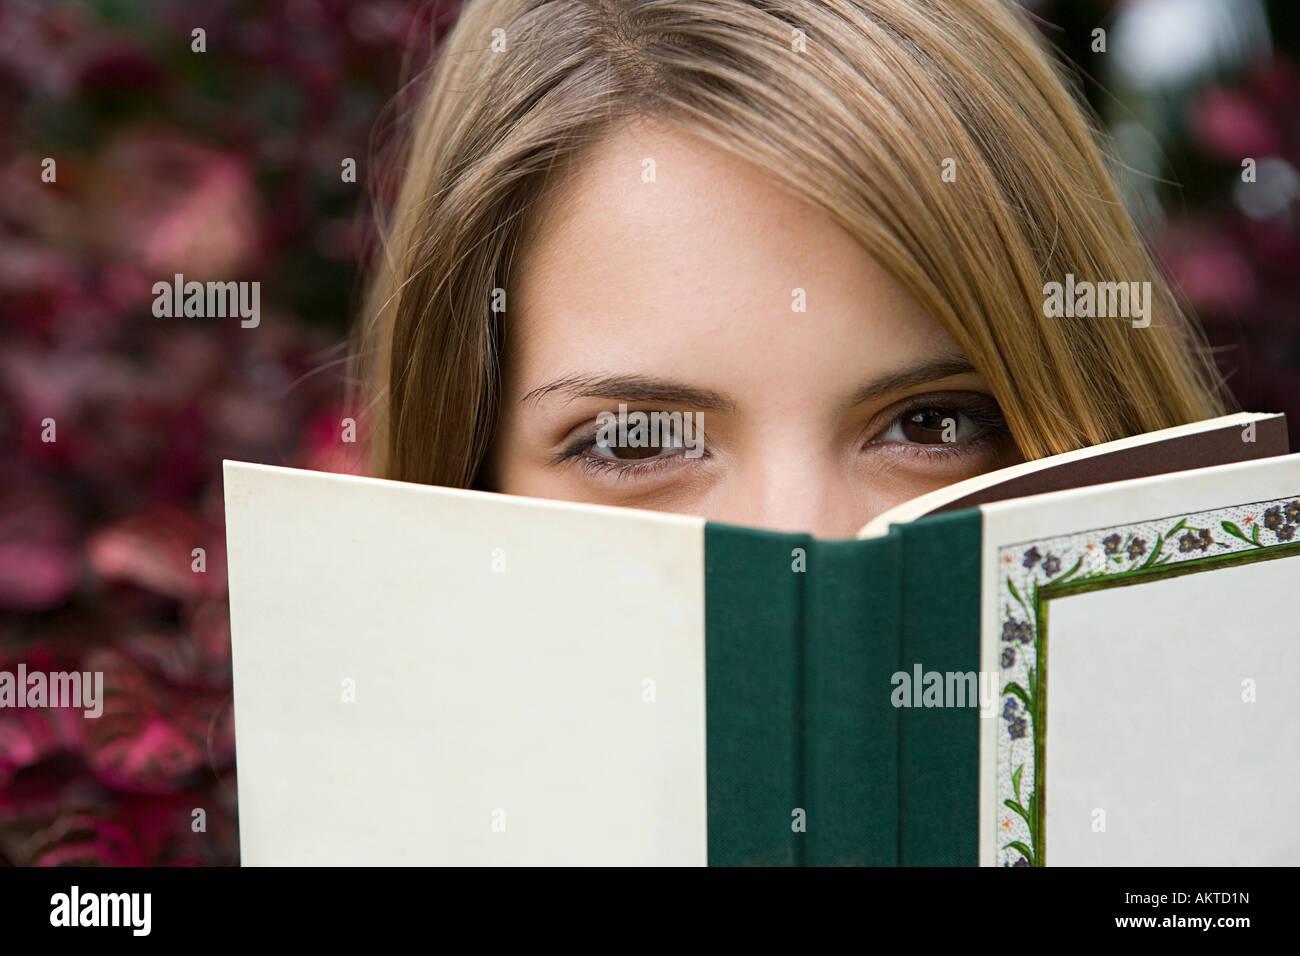 Junge Frau mit einem Buch Stockbild